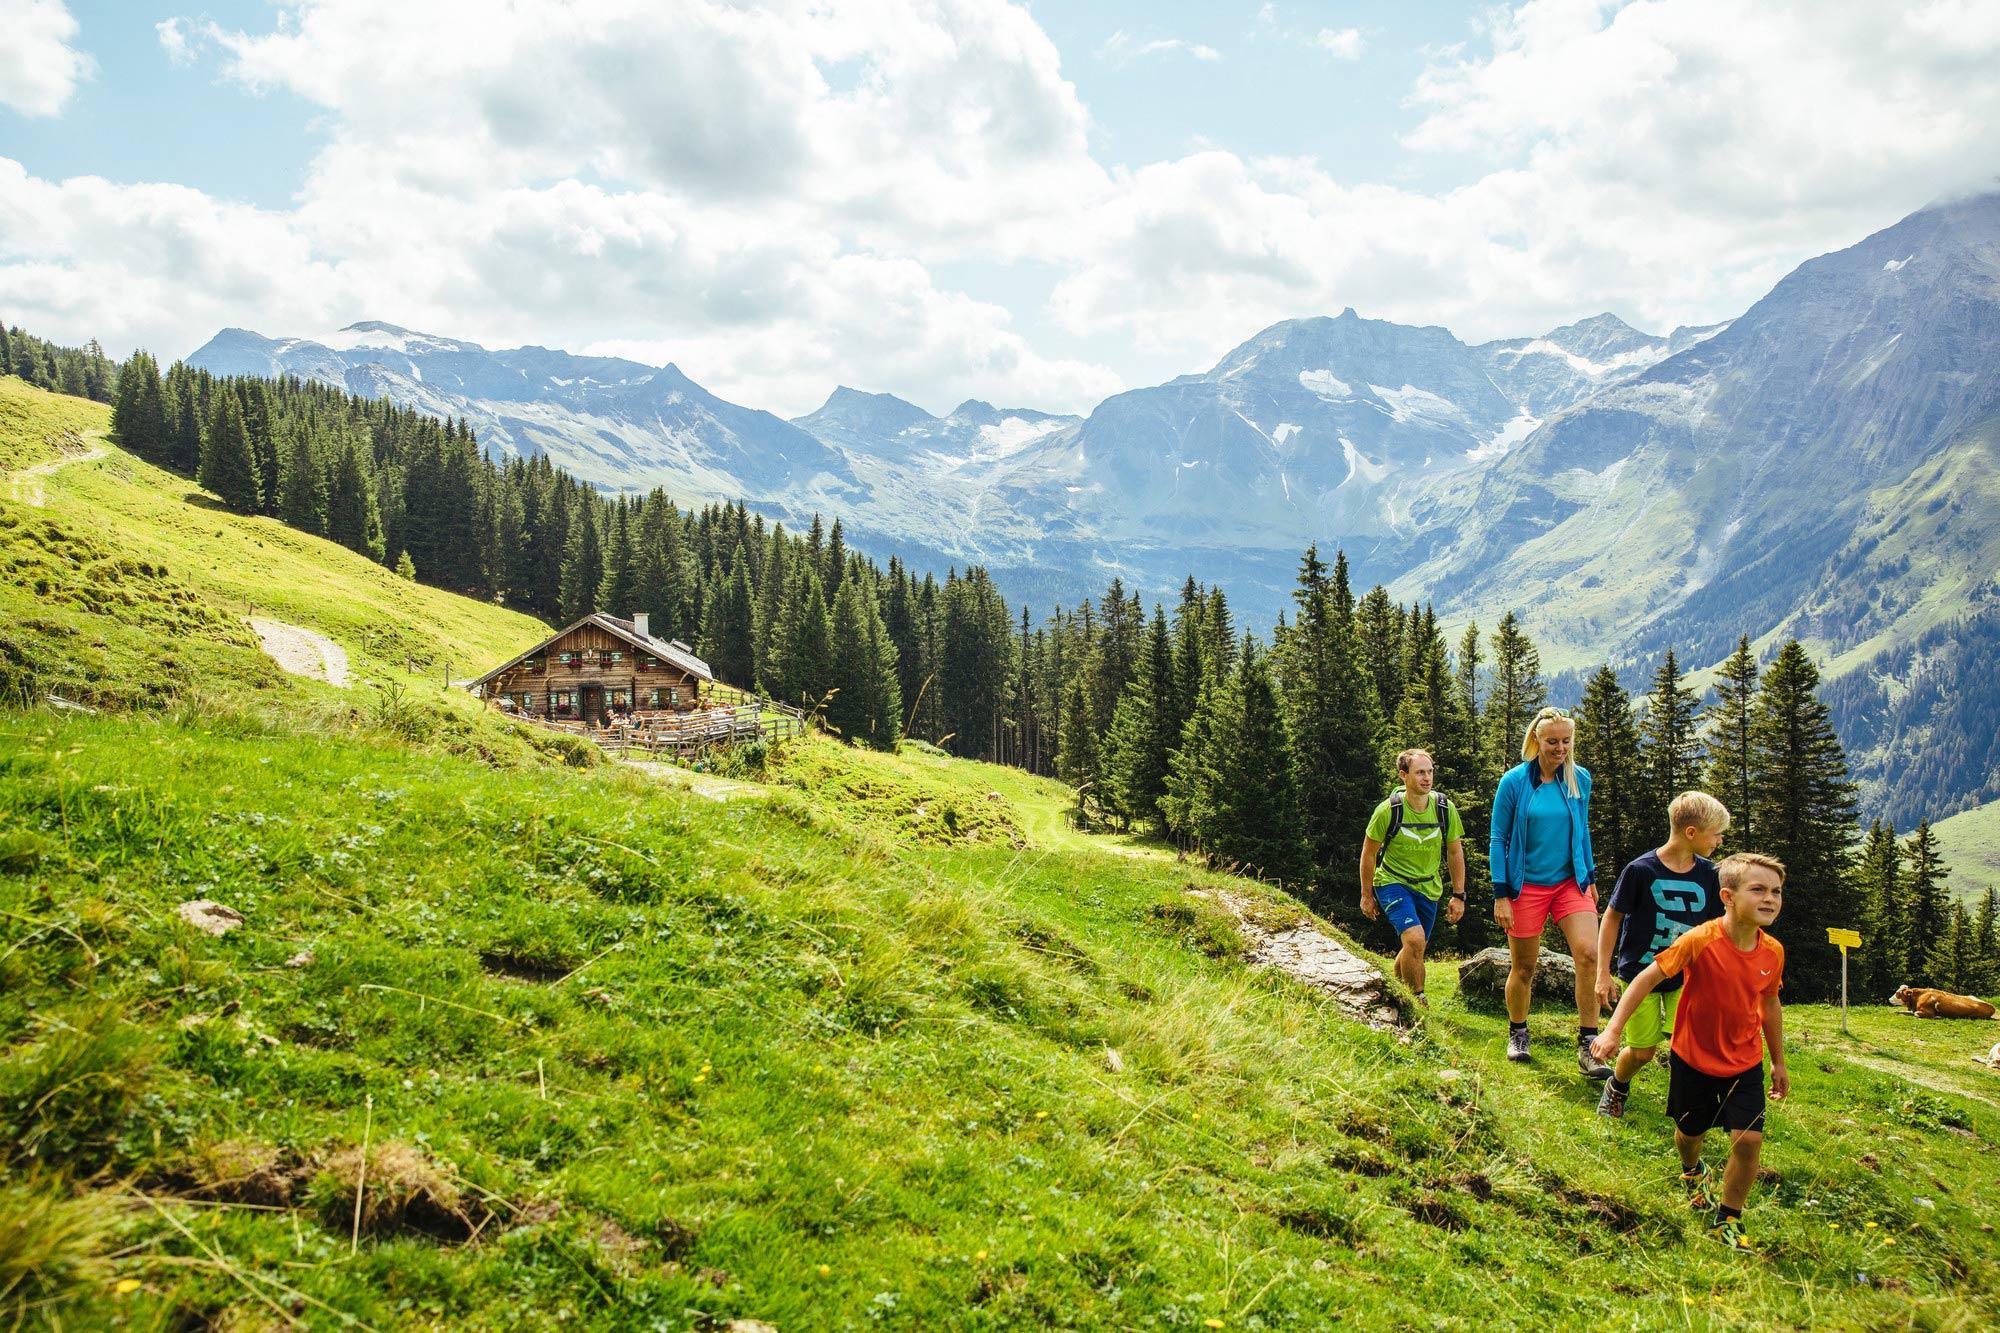 Erst durch den Wald und dann auf die Alm © SalzburgerLand Tourismus GmbH